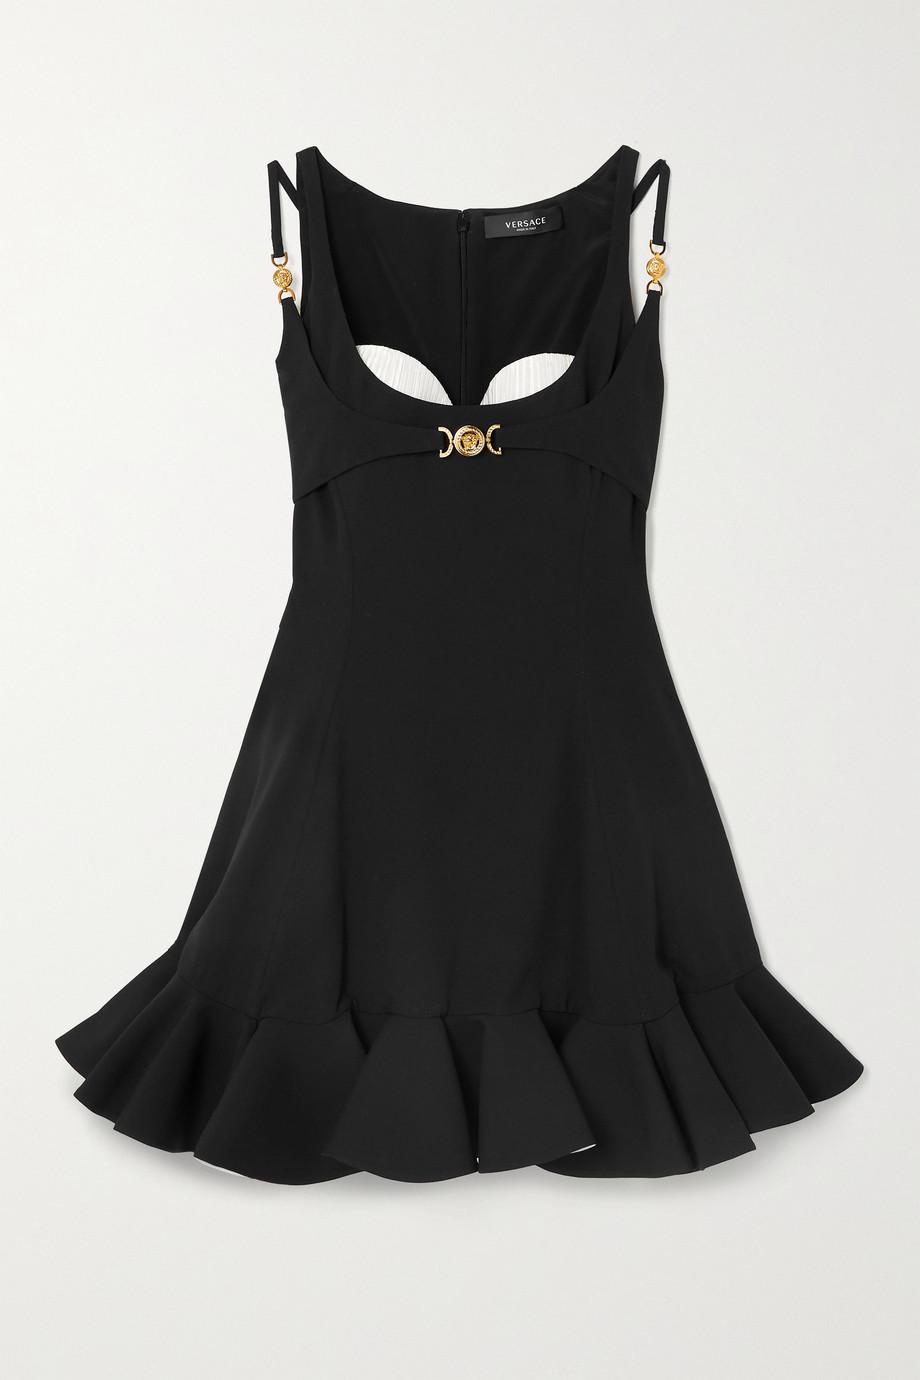 Versace Minikleid aus Cady mit plissierten Partien und Rüschen